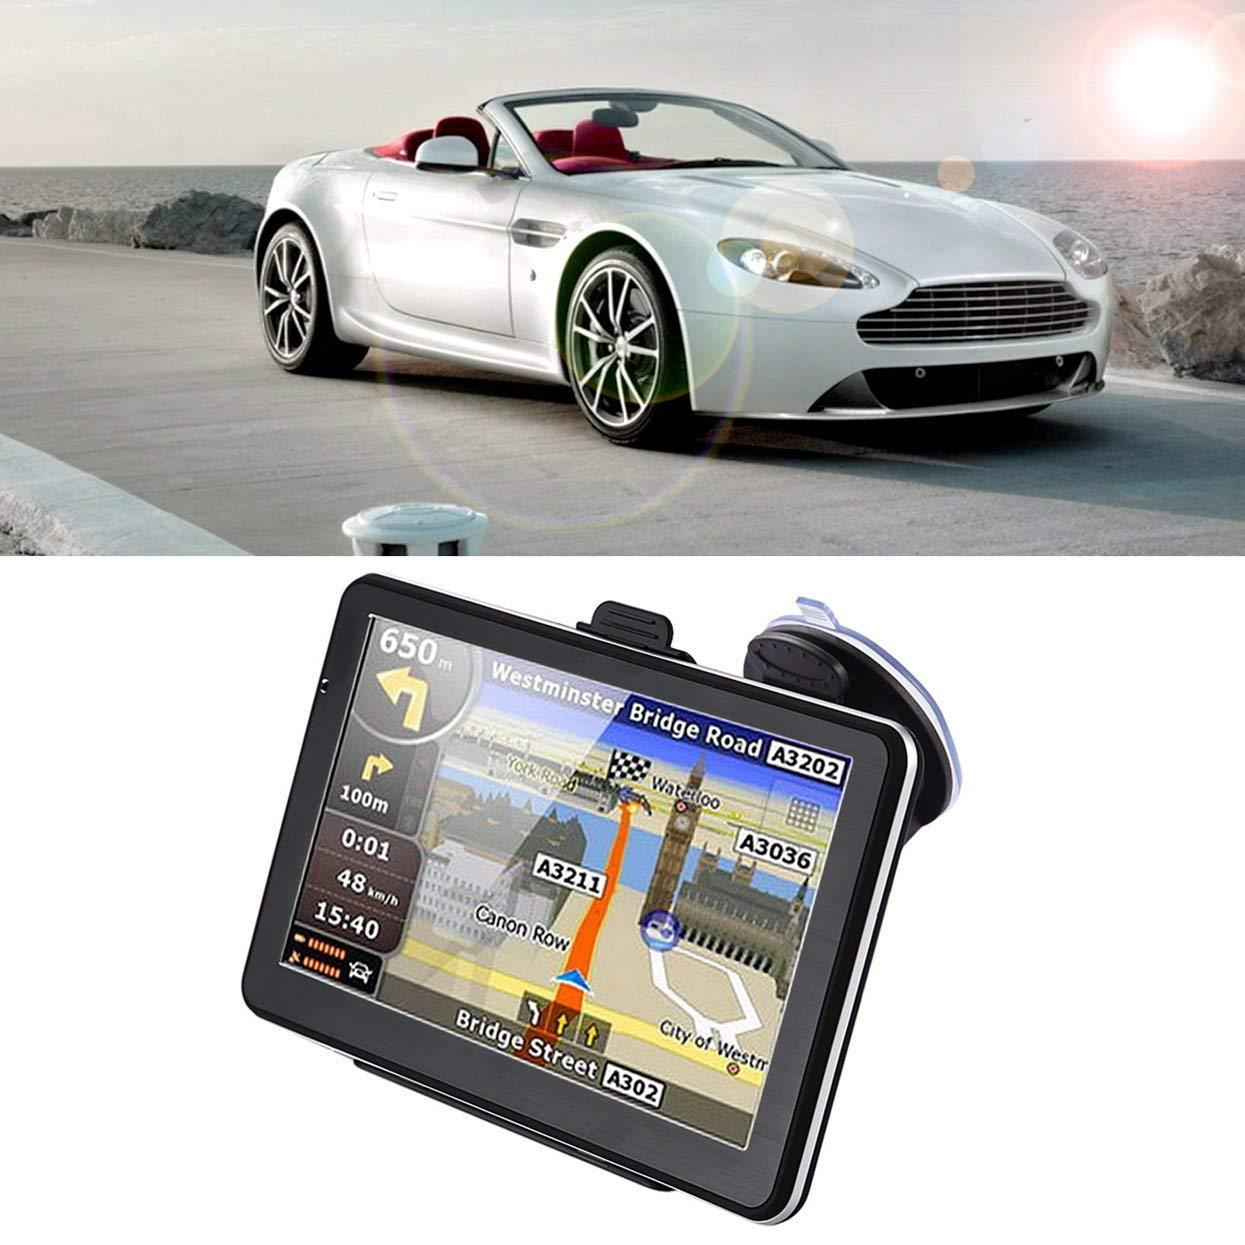 C/ámara de Marcha atr/ás Tellabouu for 710 256M Posici/ón precisa Navegaci/ón GPS para Camiones de 7 Pulgadas 8GB Sensor t/áctil Pantalla capacitiva Navegador FM